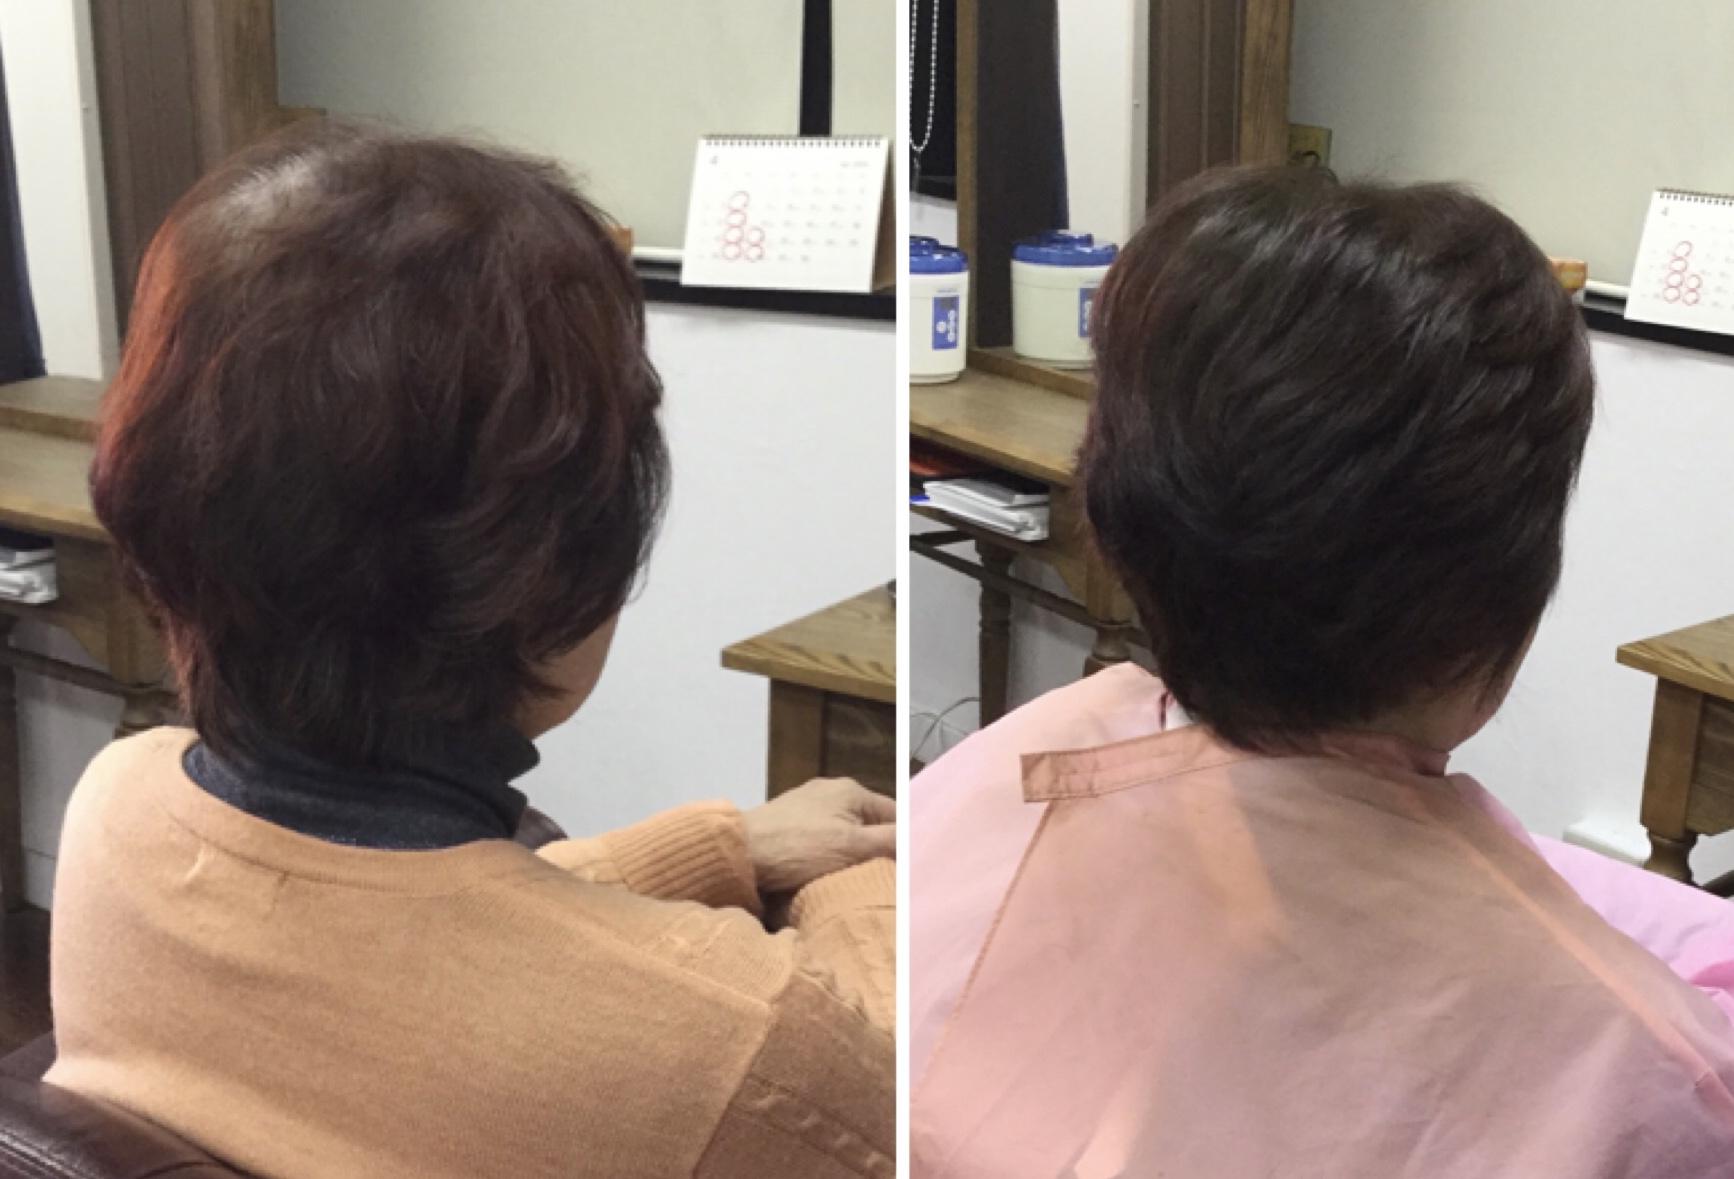 まさか!?白髪を増やす原因が【白髪染めヘアカラー】なんて…